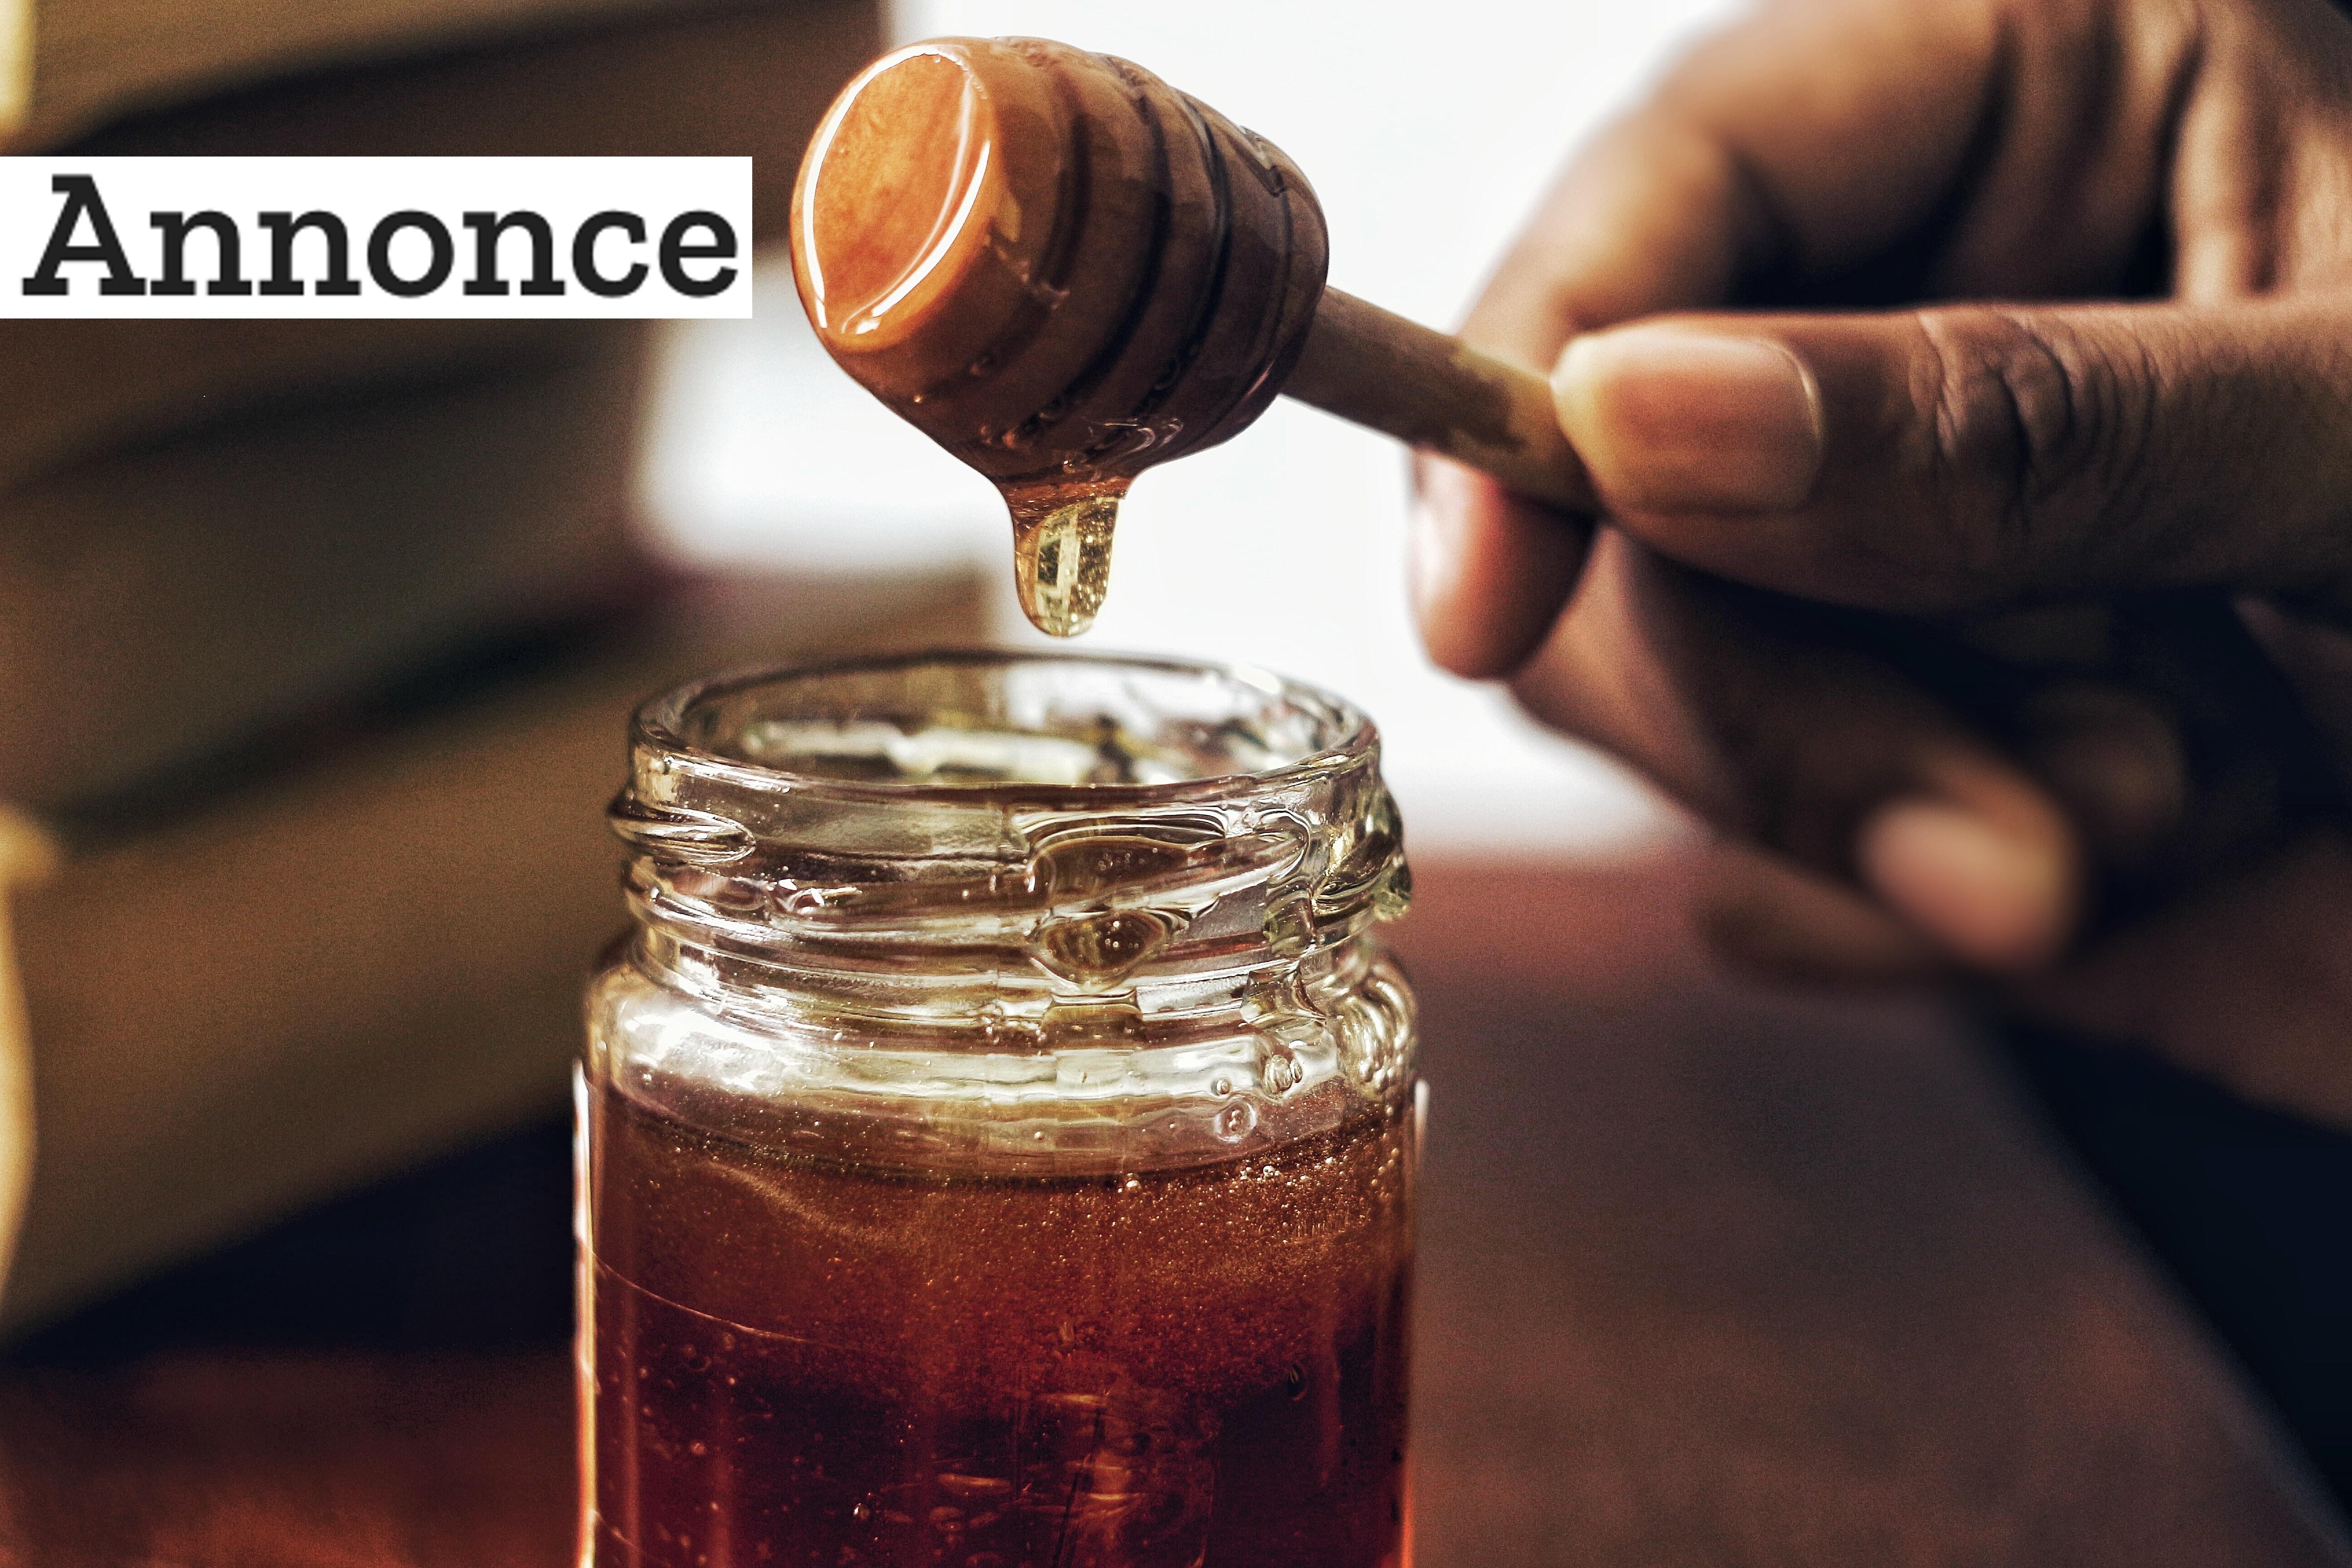 Honning er ikke bare honning